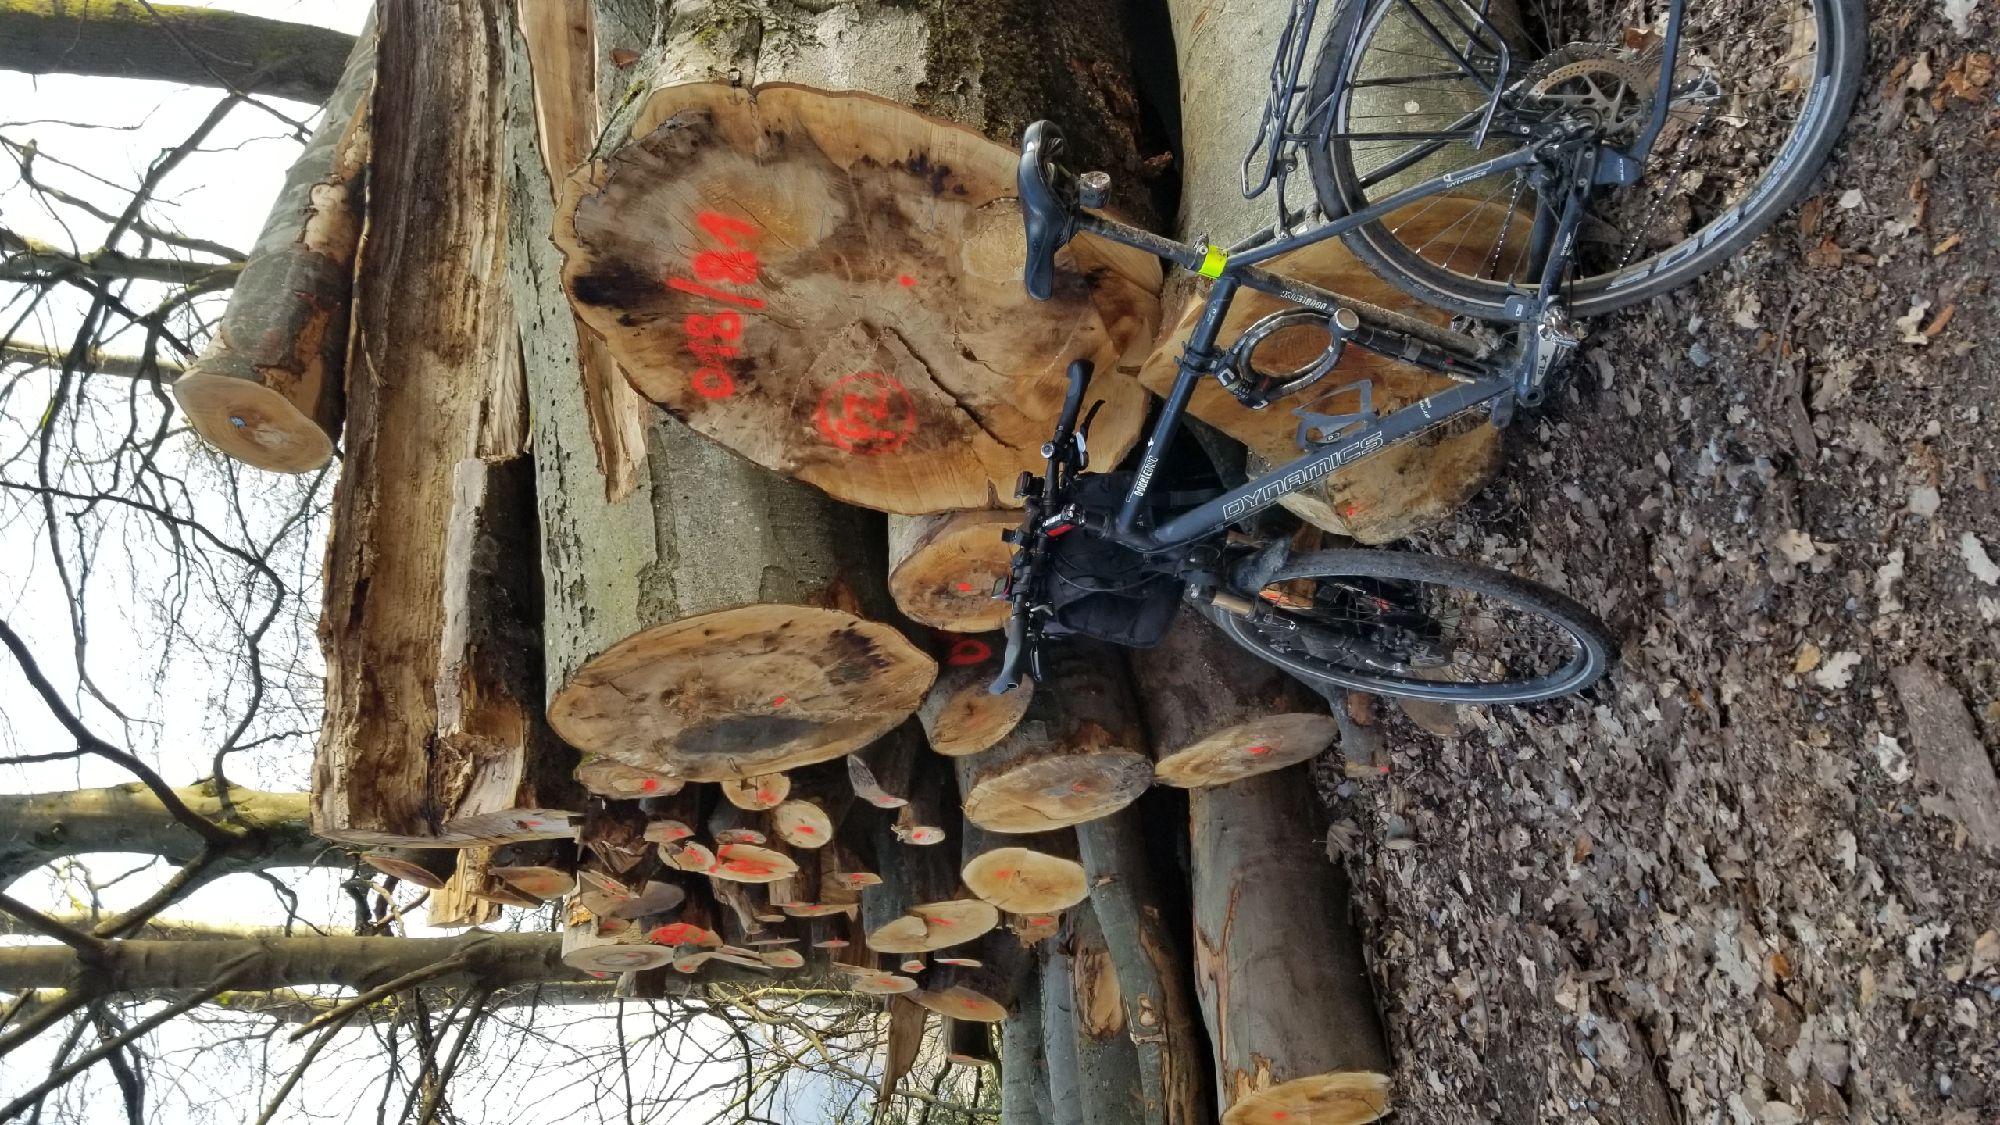 После зимы попадало куча деревьев. Их уже собрали, маринуют. Скока этим букам лет?